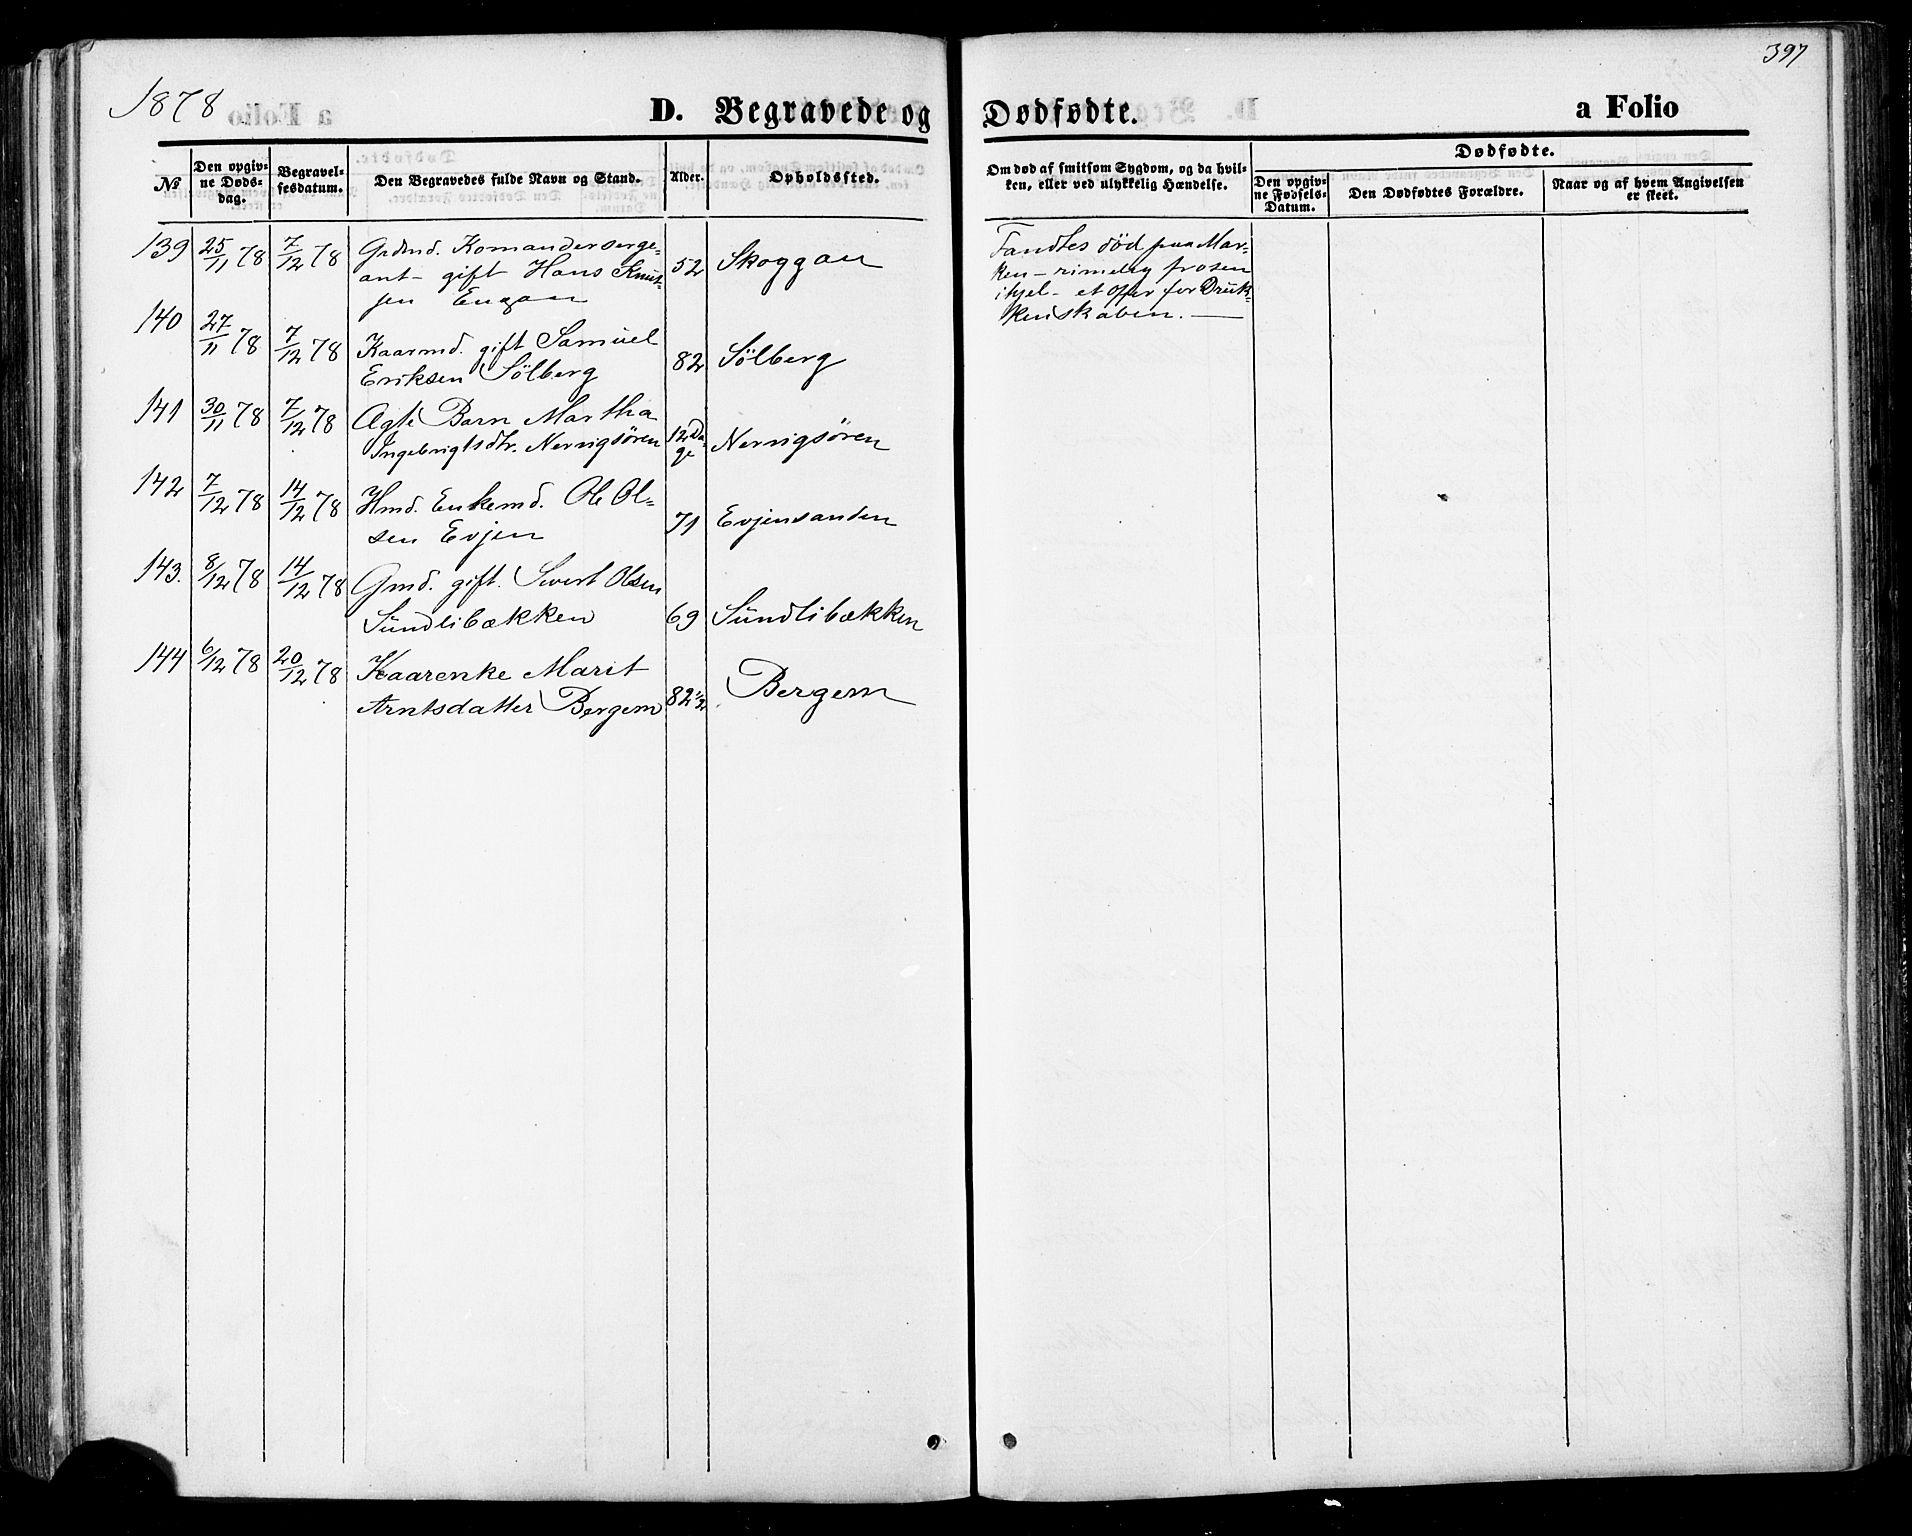 SAT, Ministerialprotokoller, klokkerbøker og fødselsregistre - Sør-Trøndelag, 668/L0807: Ministerialbok nr. 668A07, 1870-1880, s. 397